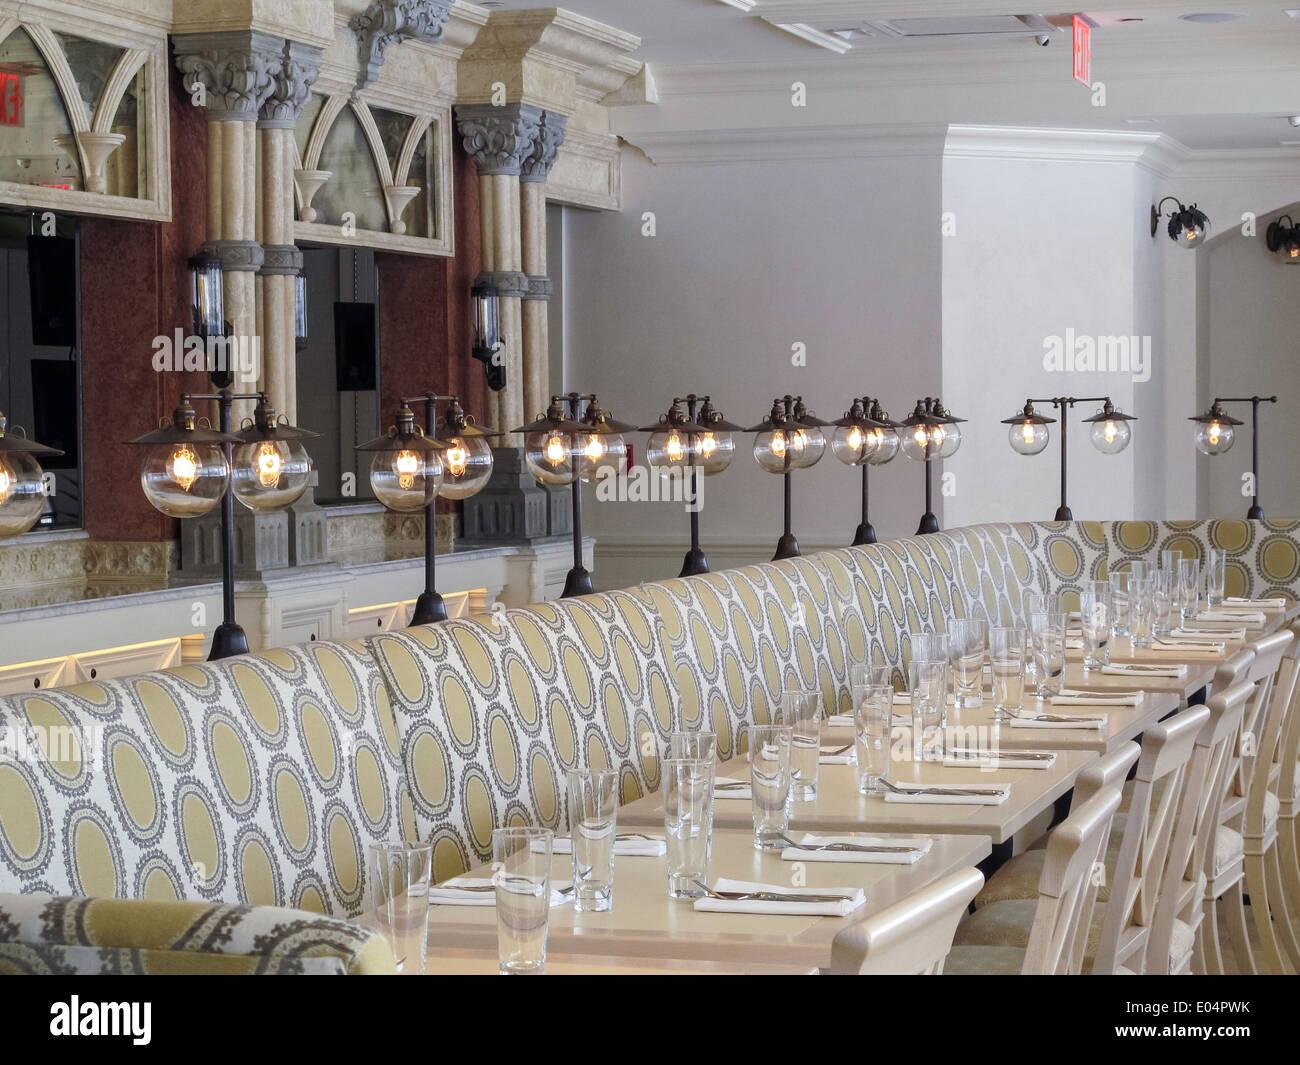 Bankett  Und Tische Im Speisesaal Mit Offenem Zugang Zur Küche, Neu  Renovierte Tavern On The Green Restaurant, NYC, USA